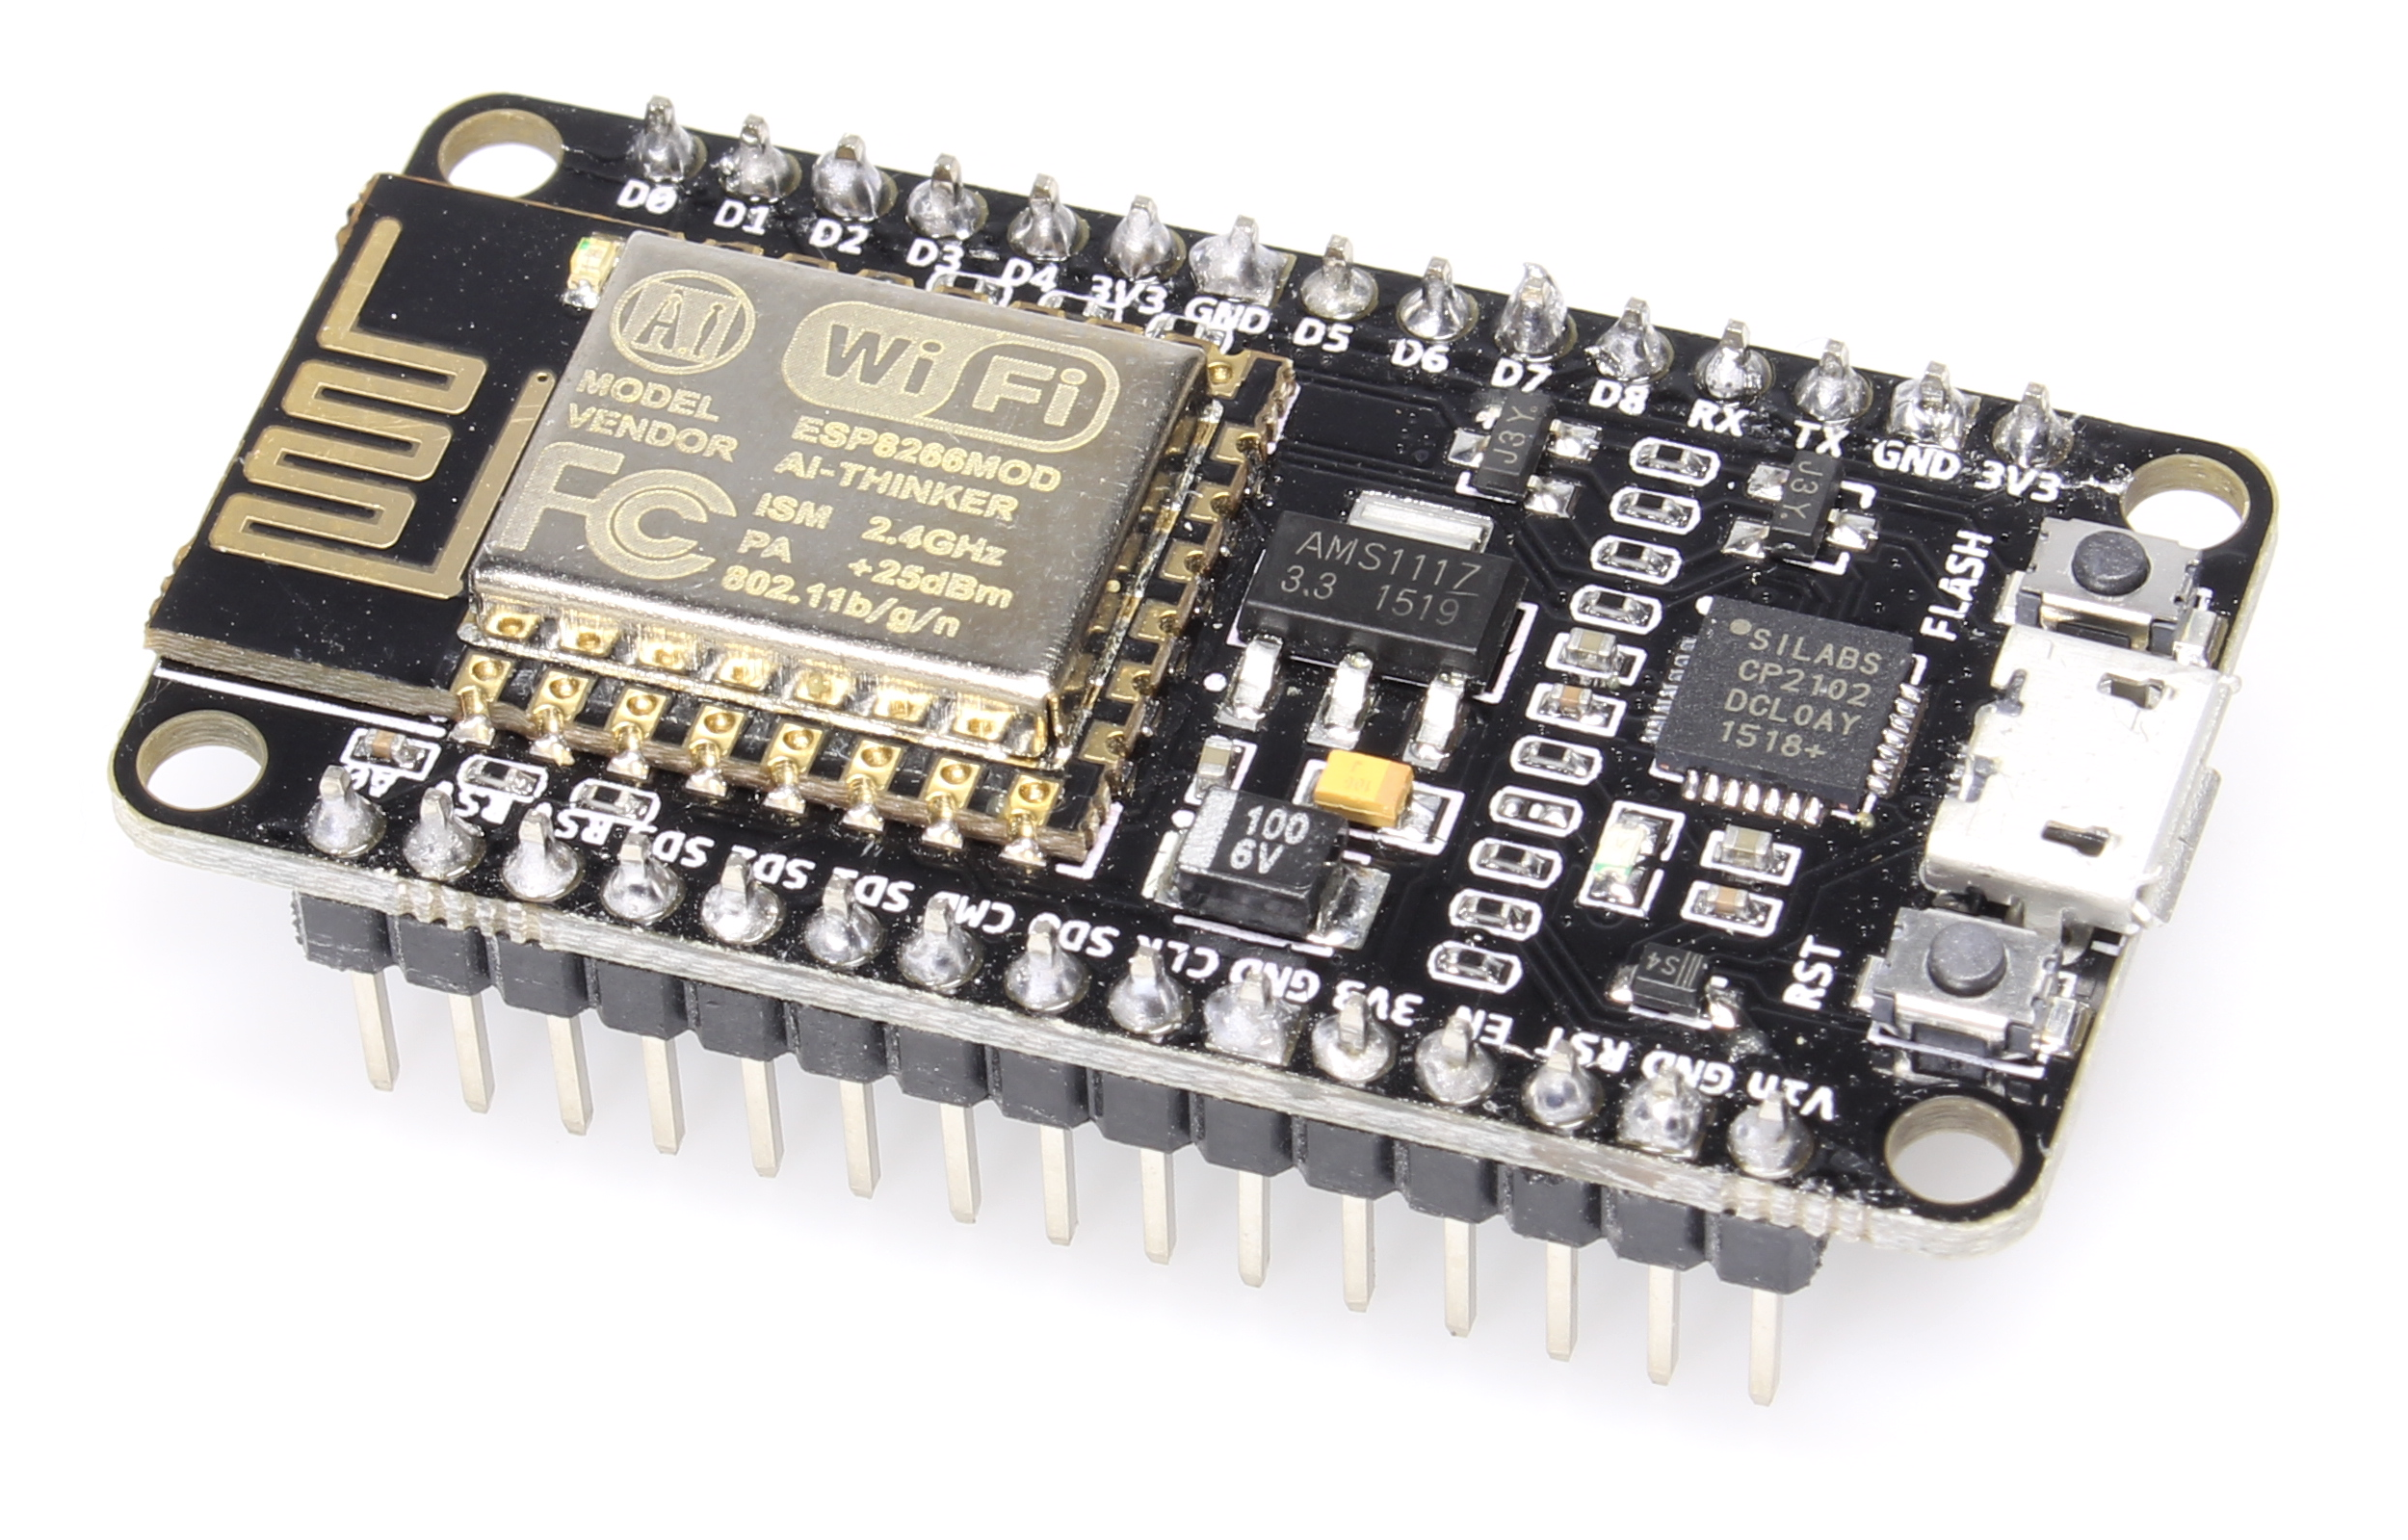 Płytka rozwojowa NodeMCU wykorzystująca moduł ESP8266